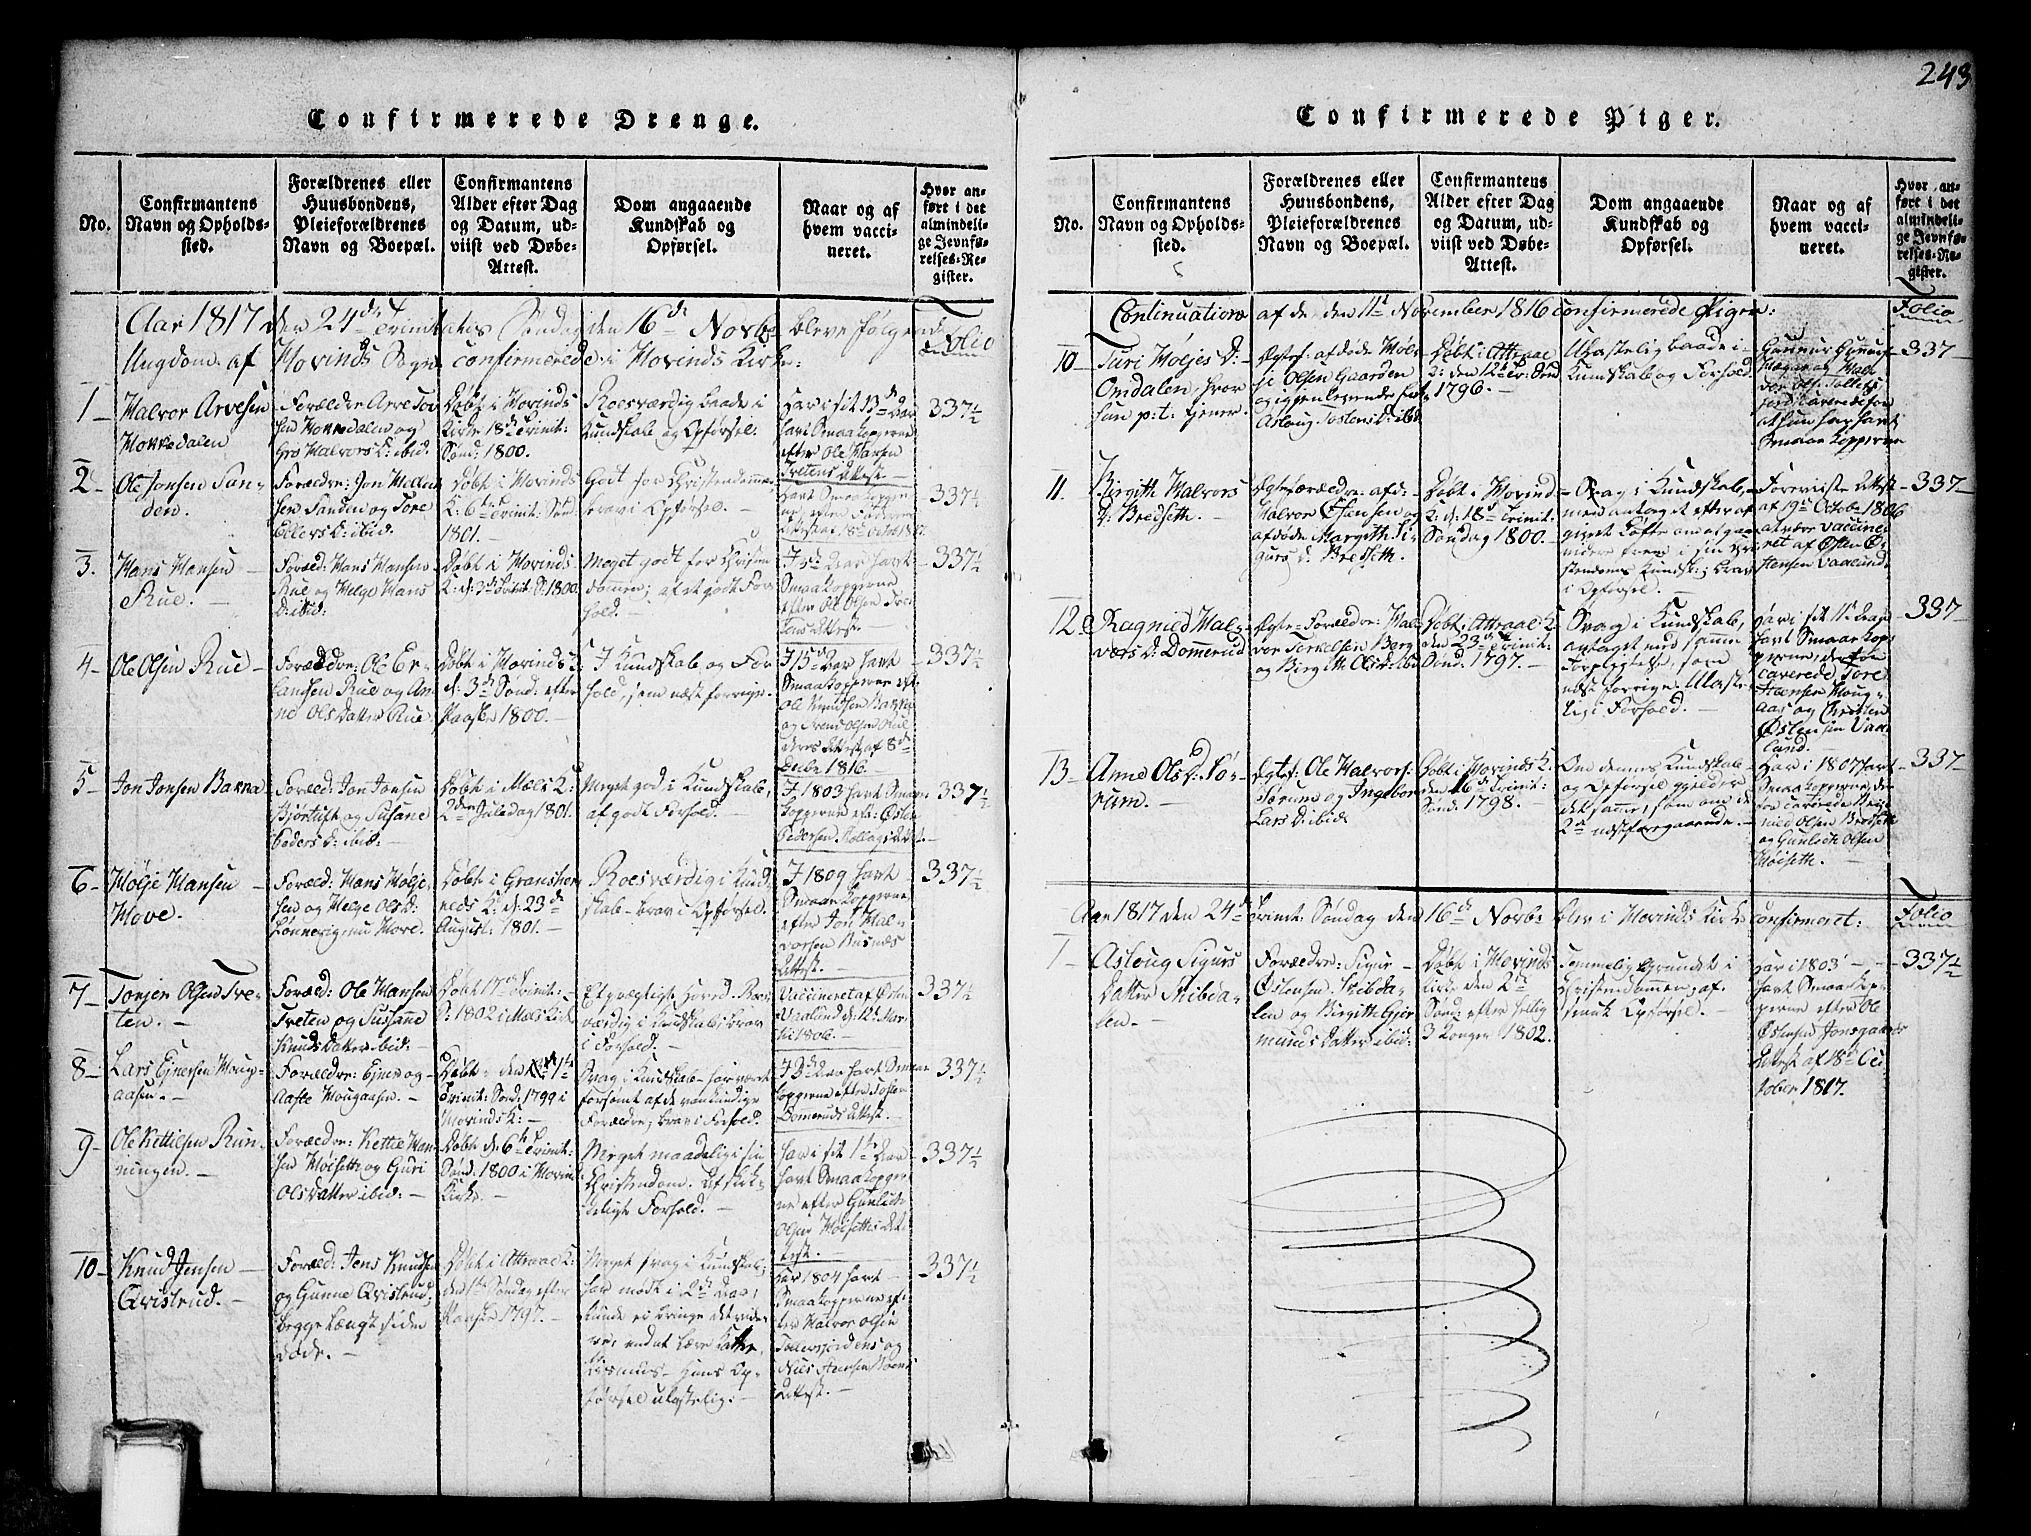 SAKO, Gransherad kirkebøker, G/Gb/L0001: Klokkerbok nr. II 1, 1815-1860, s. 243